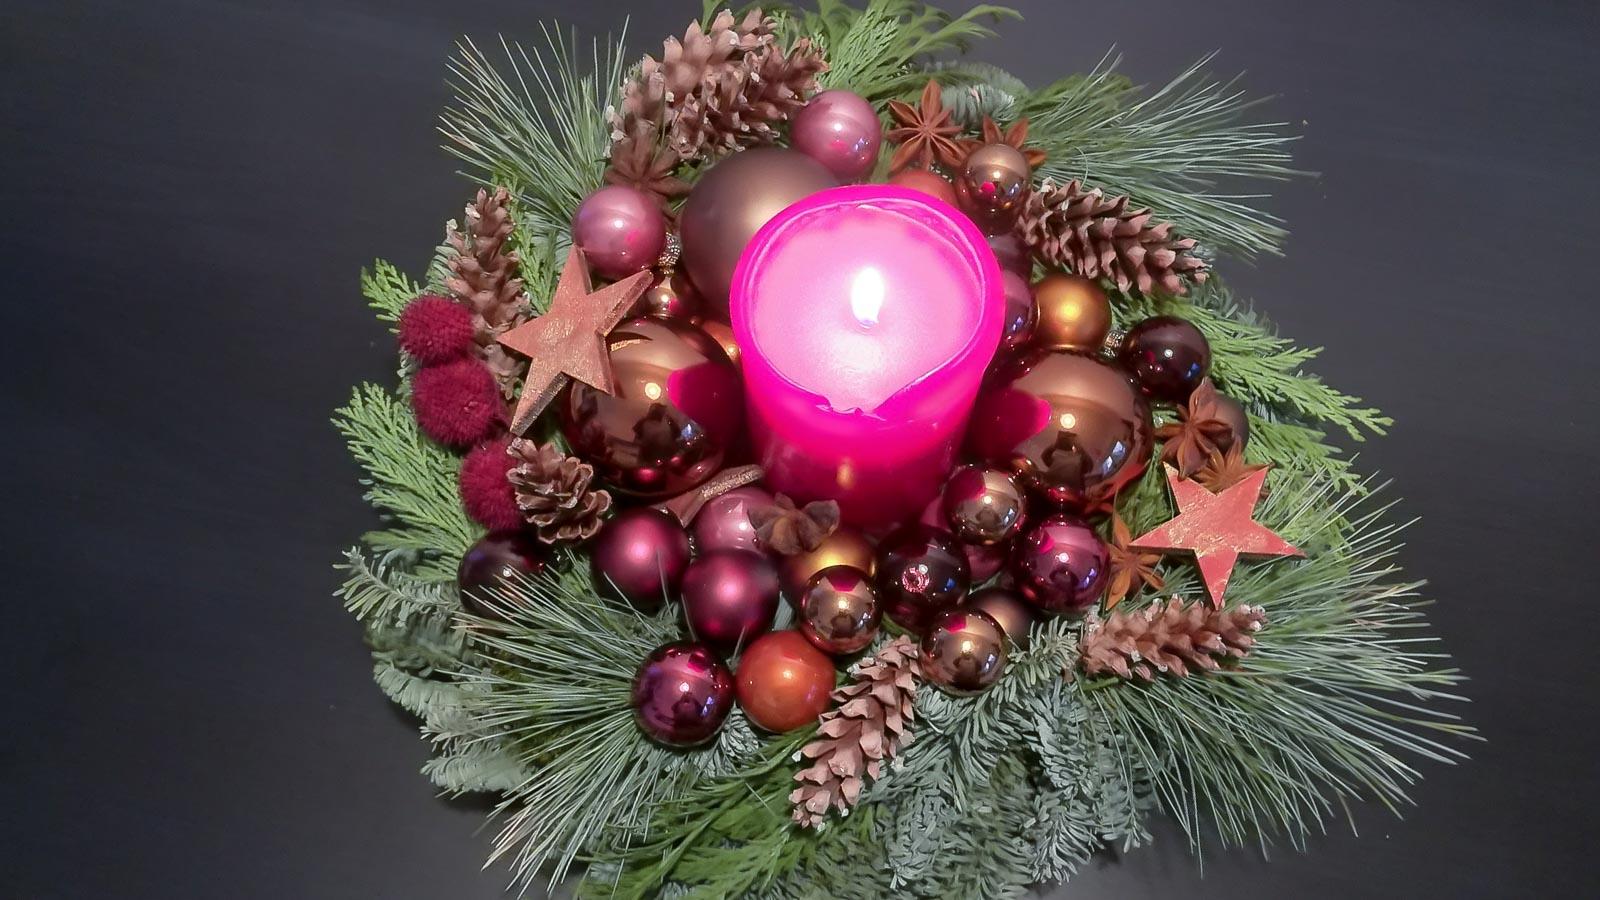 Adventsgesteck mit echter, brennender Kerze